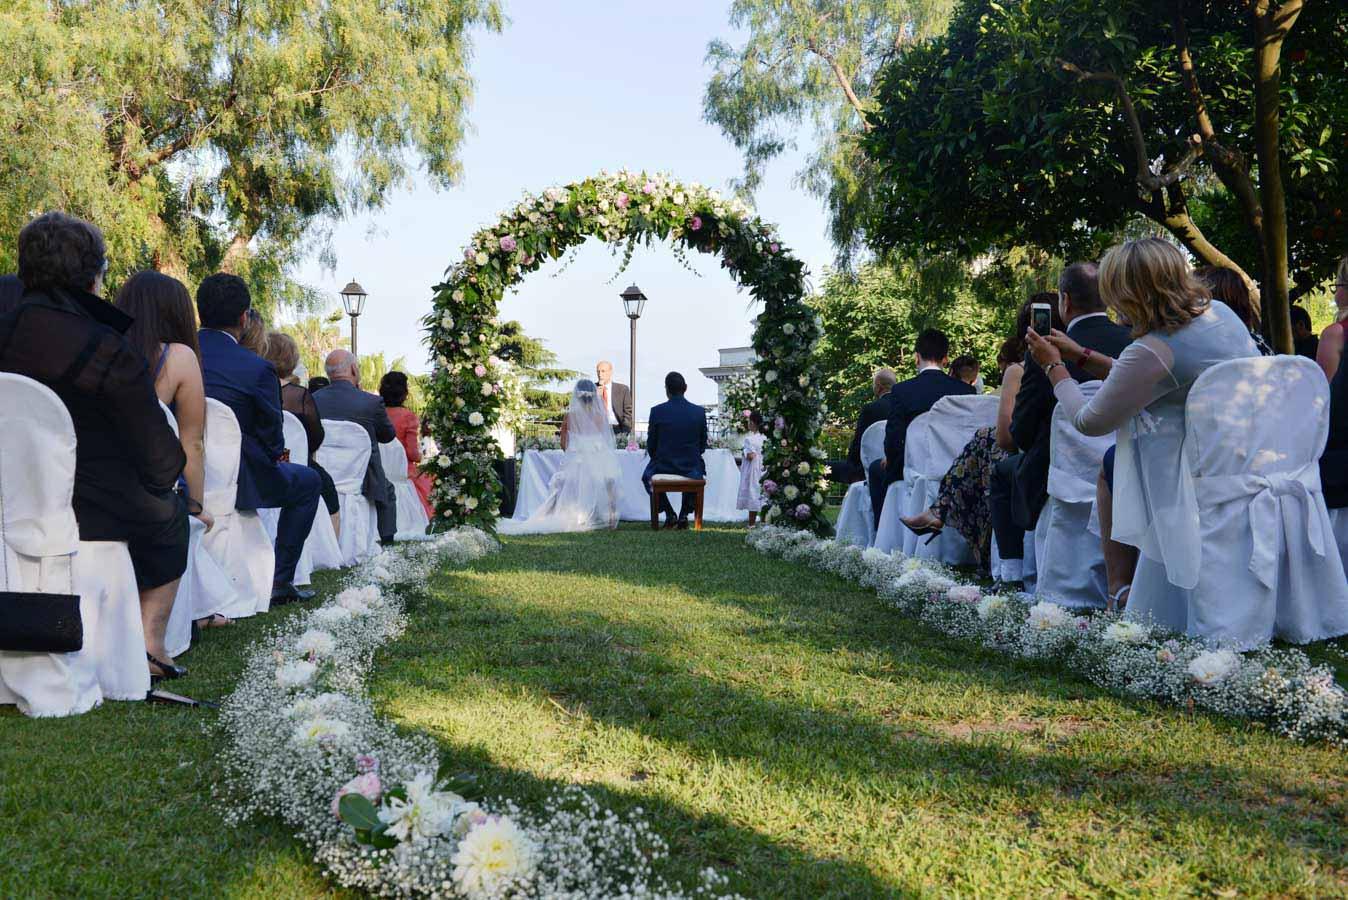 Frasi Matrimonio Rito Civile.Letture Matrimonio Civile La Terra Degli Aranci Le Promesse